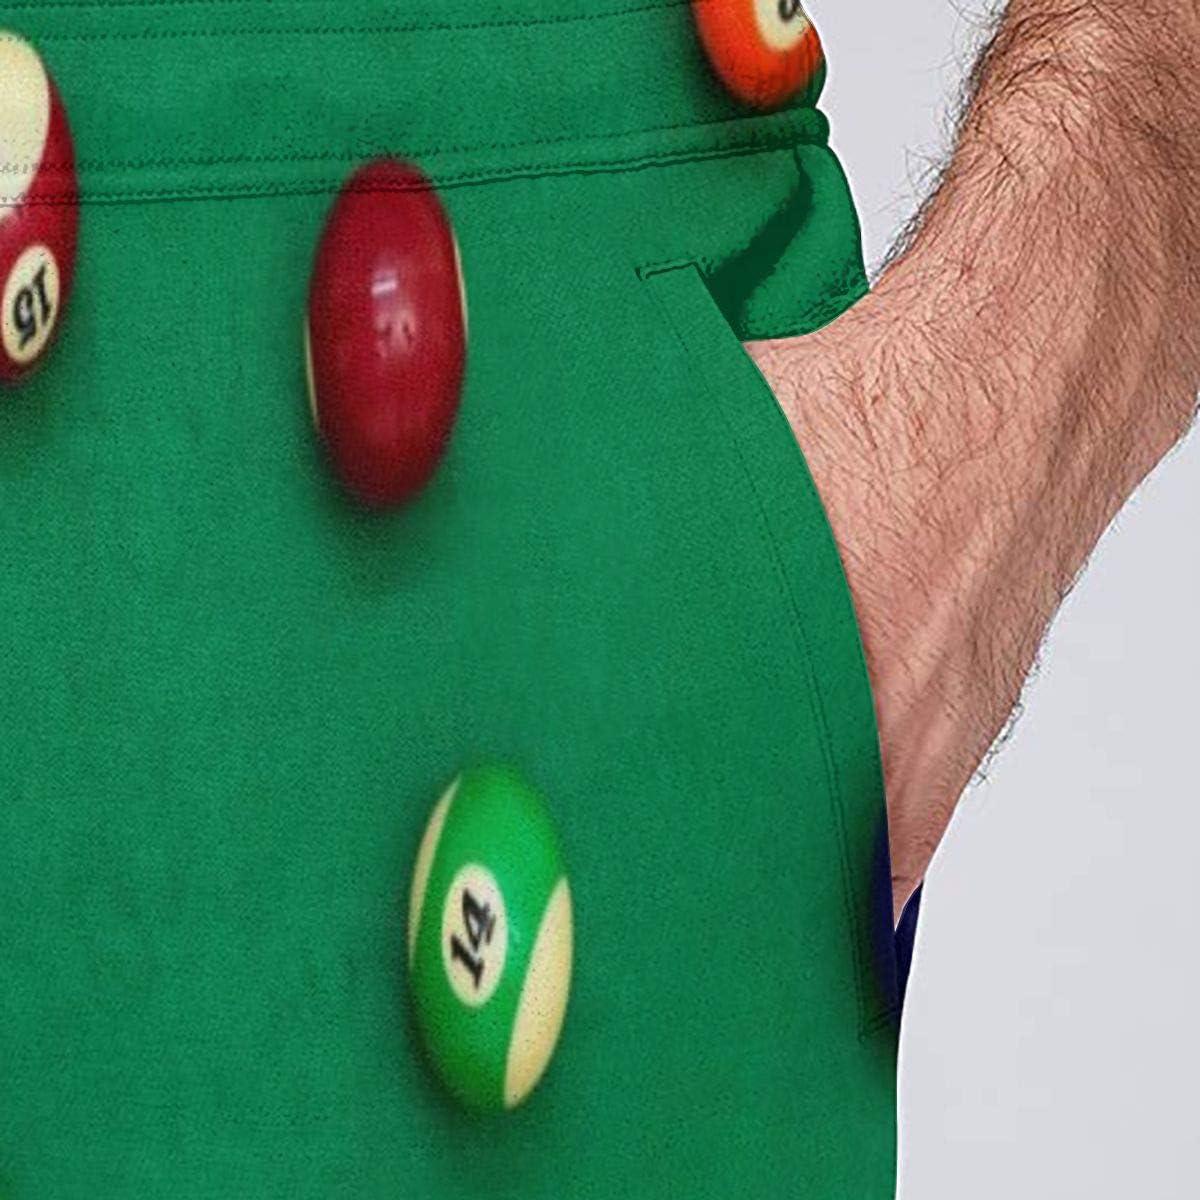 LDDDP Closeup Shot - Pantalones de Deporte para Hombre, diseño de Bolas de Billar, Color Verde Negro Negro (41-44.5: Amazon.es: Ropa y accesorios